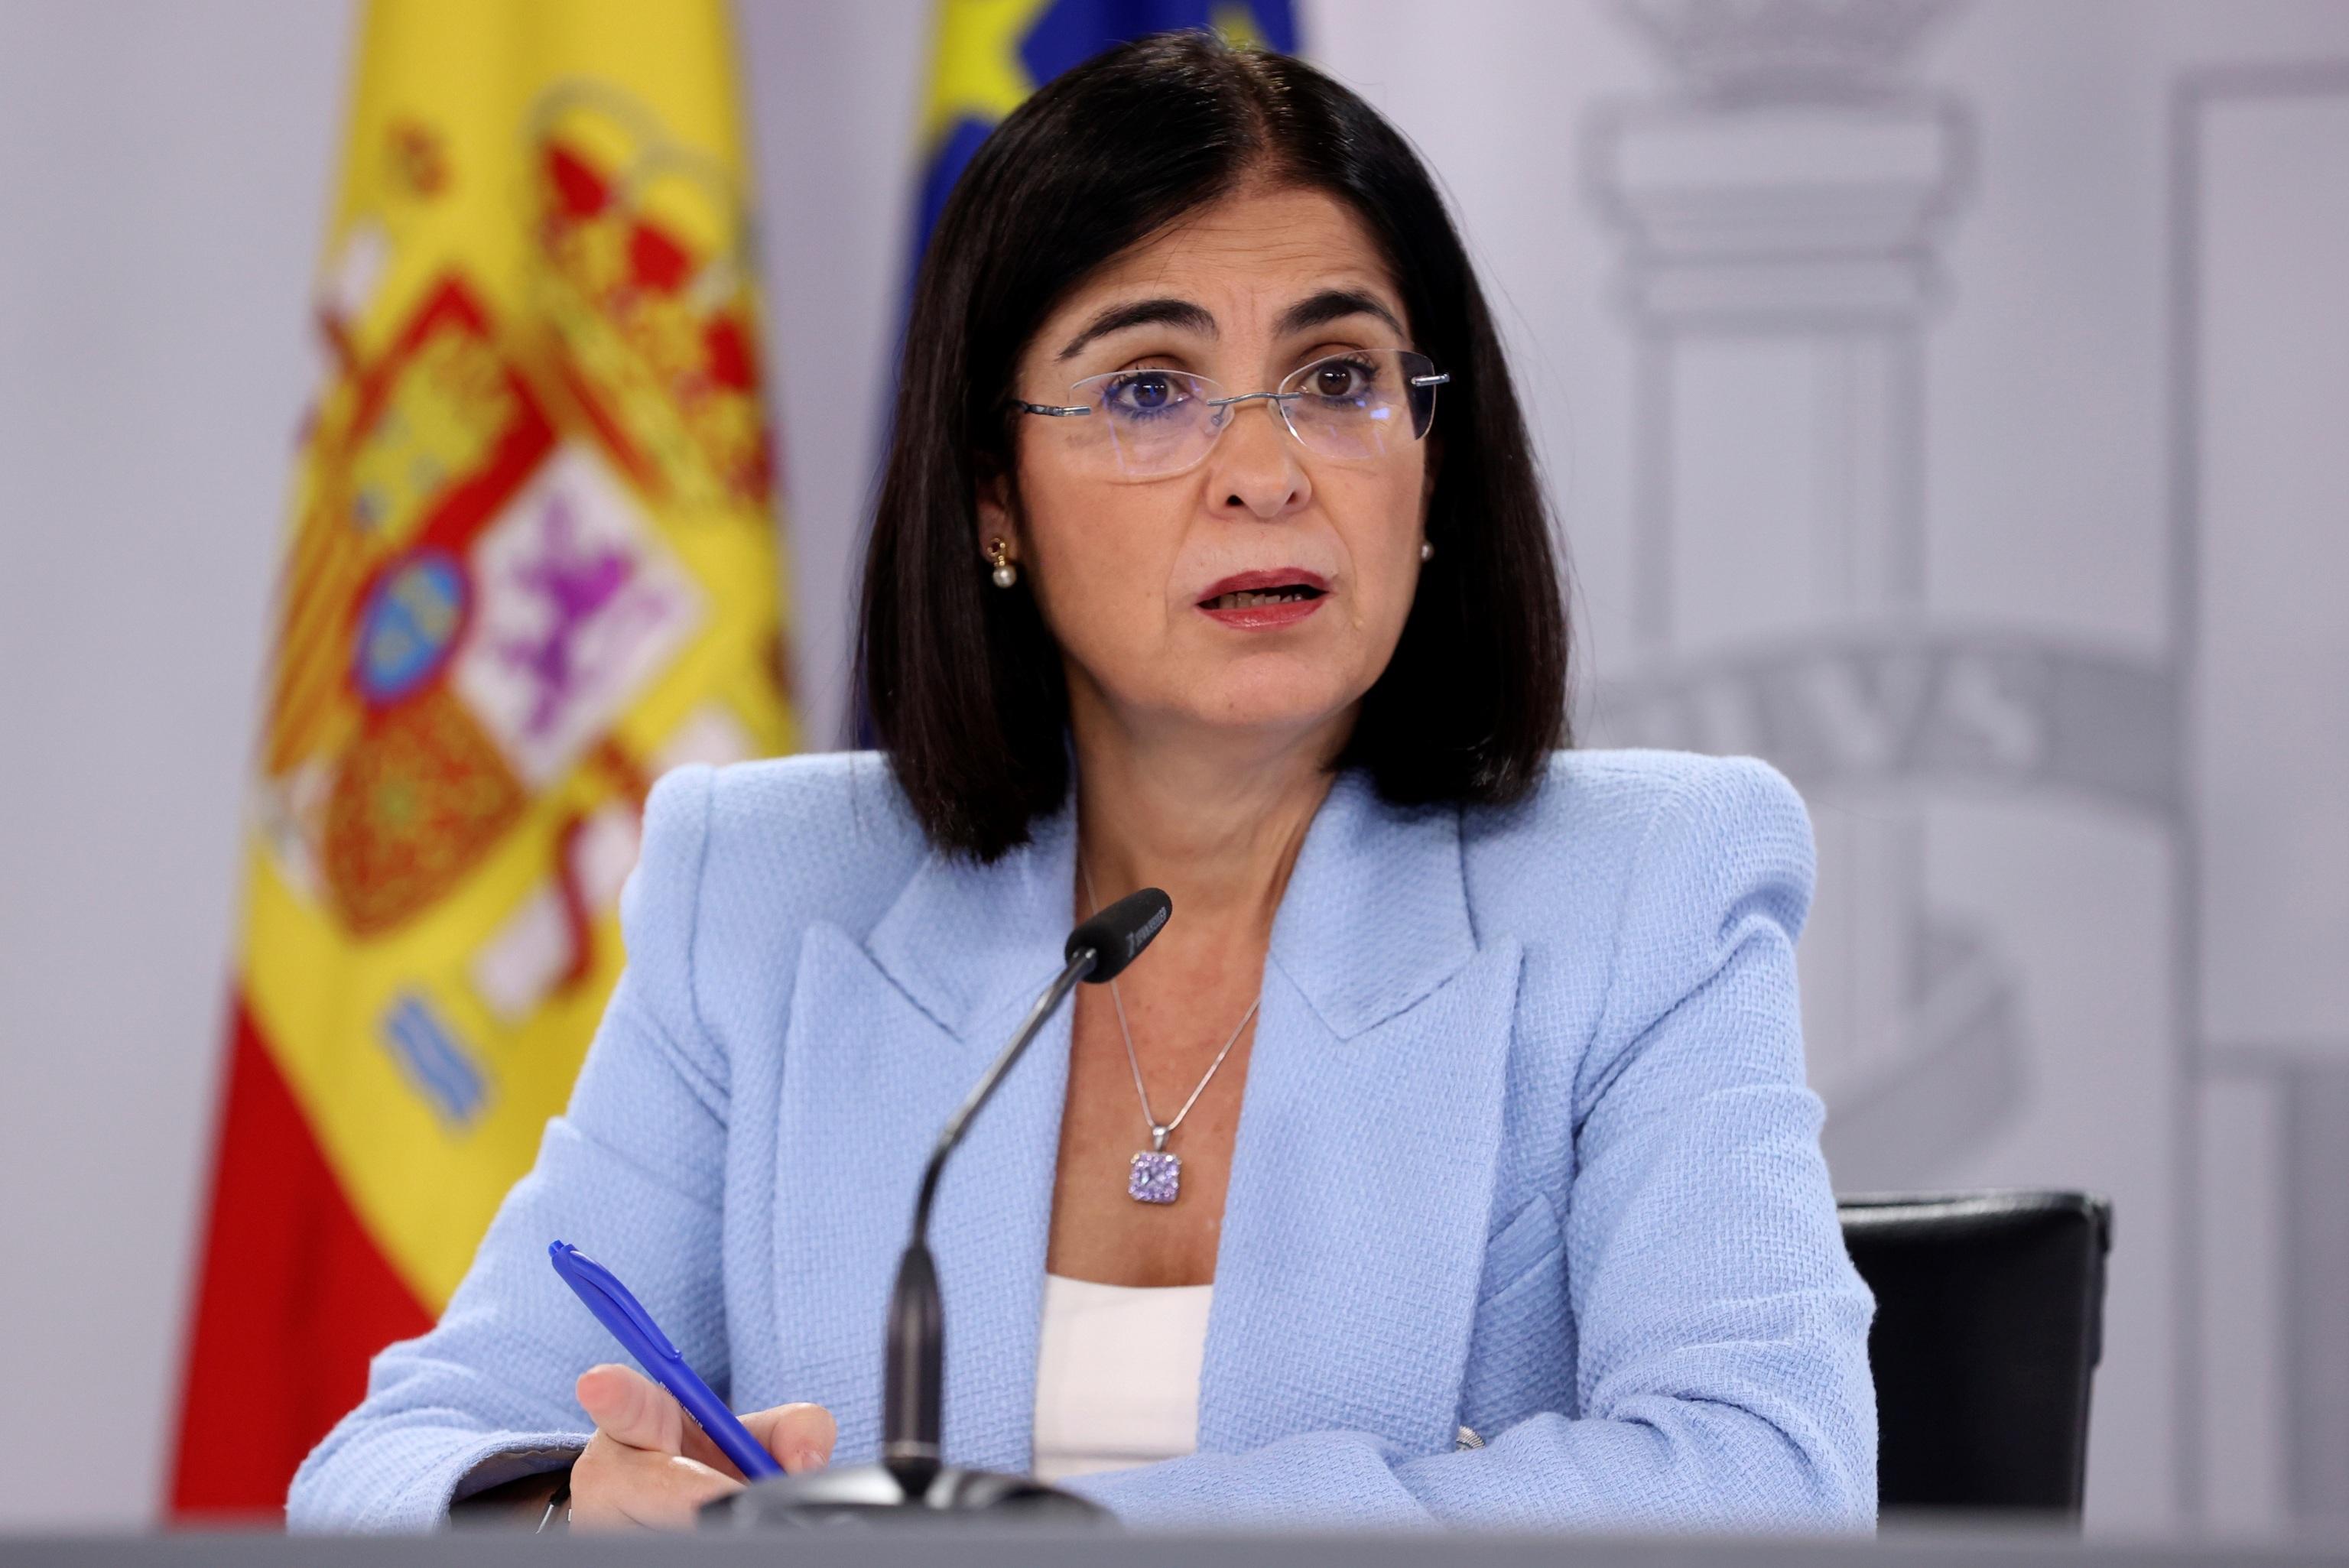 La ministra de Sanidad, Carolina Darias, ofrece una rueda de prensa tras la reunión del Consejo Interterritorial.